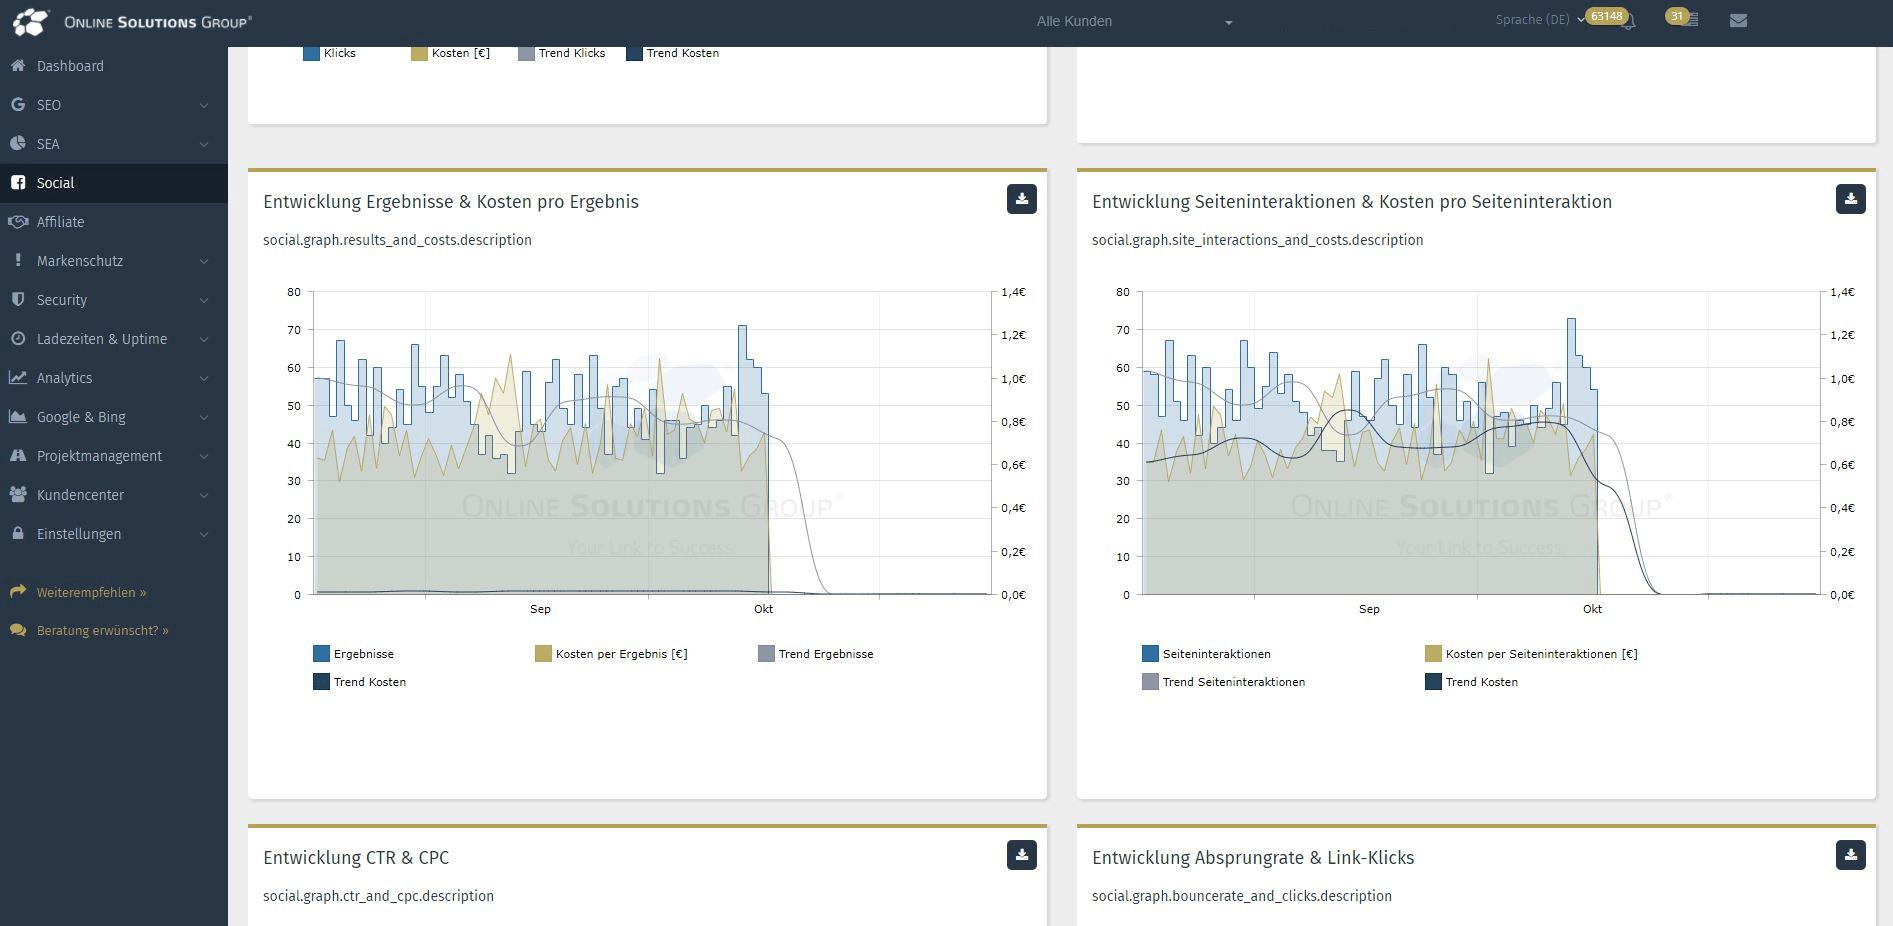 Performance Suite mit Social Media Tool: Entwicklungen der Ergebnisse und Seiteninteraktionen